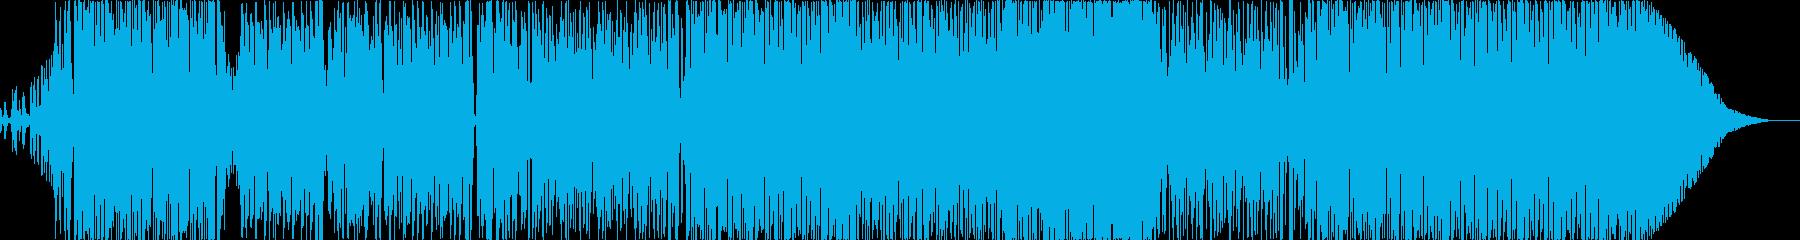 「体揺らすダンスポップなナンバー」の再生済みの波形